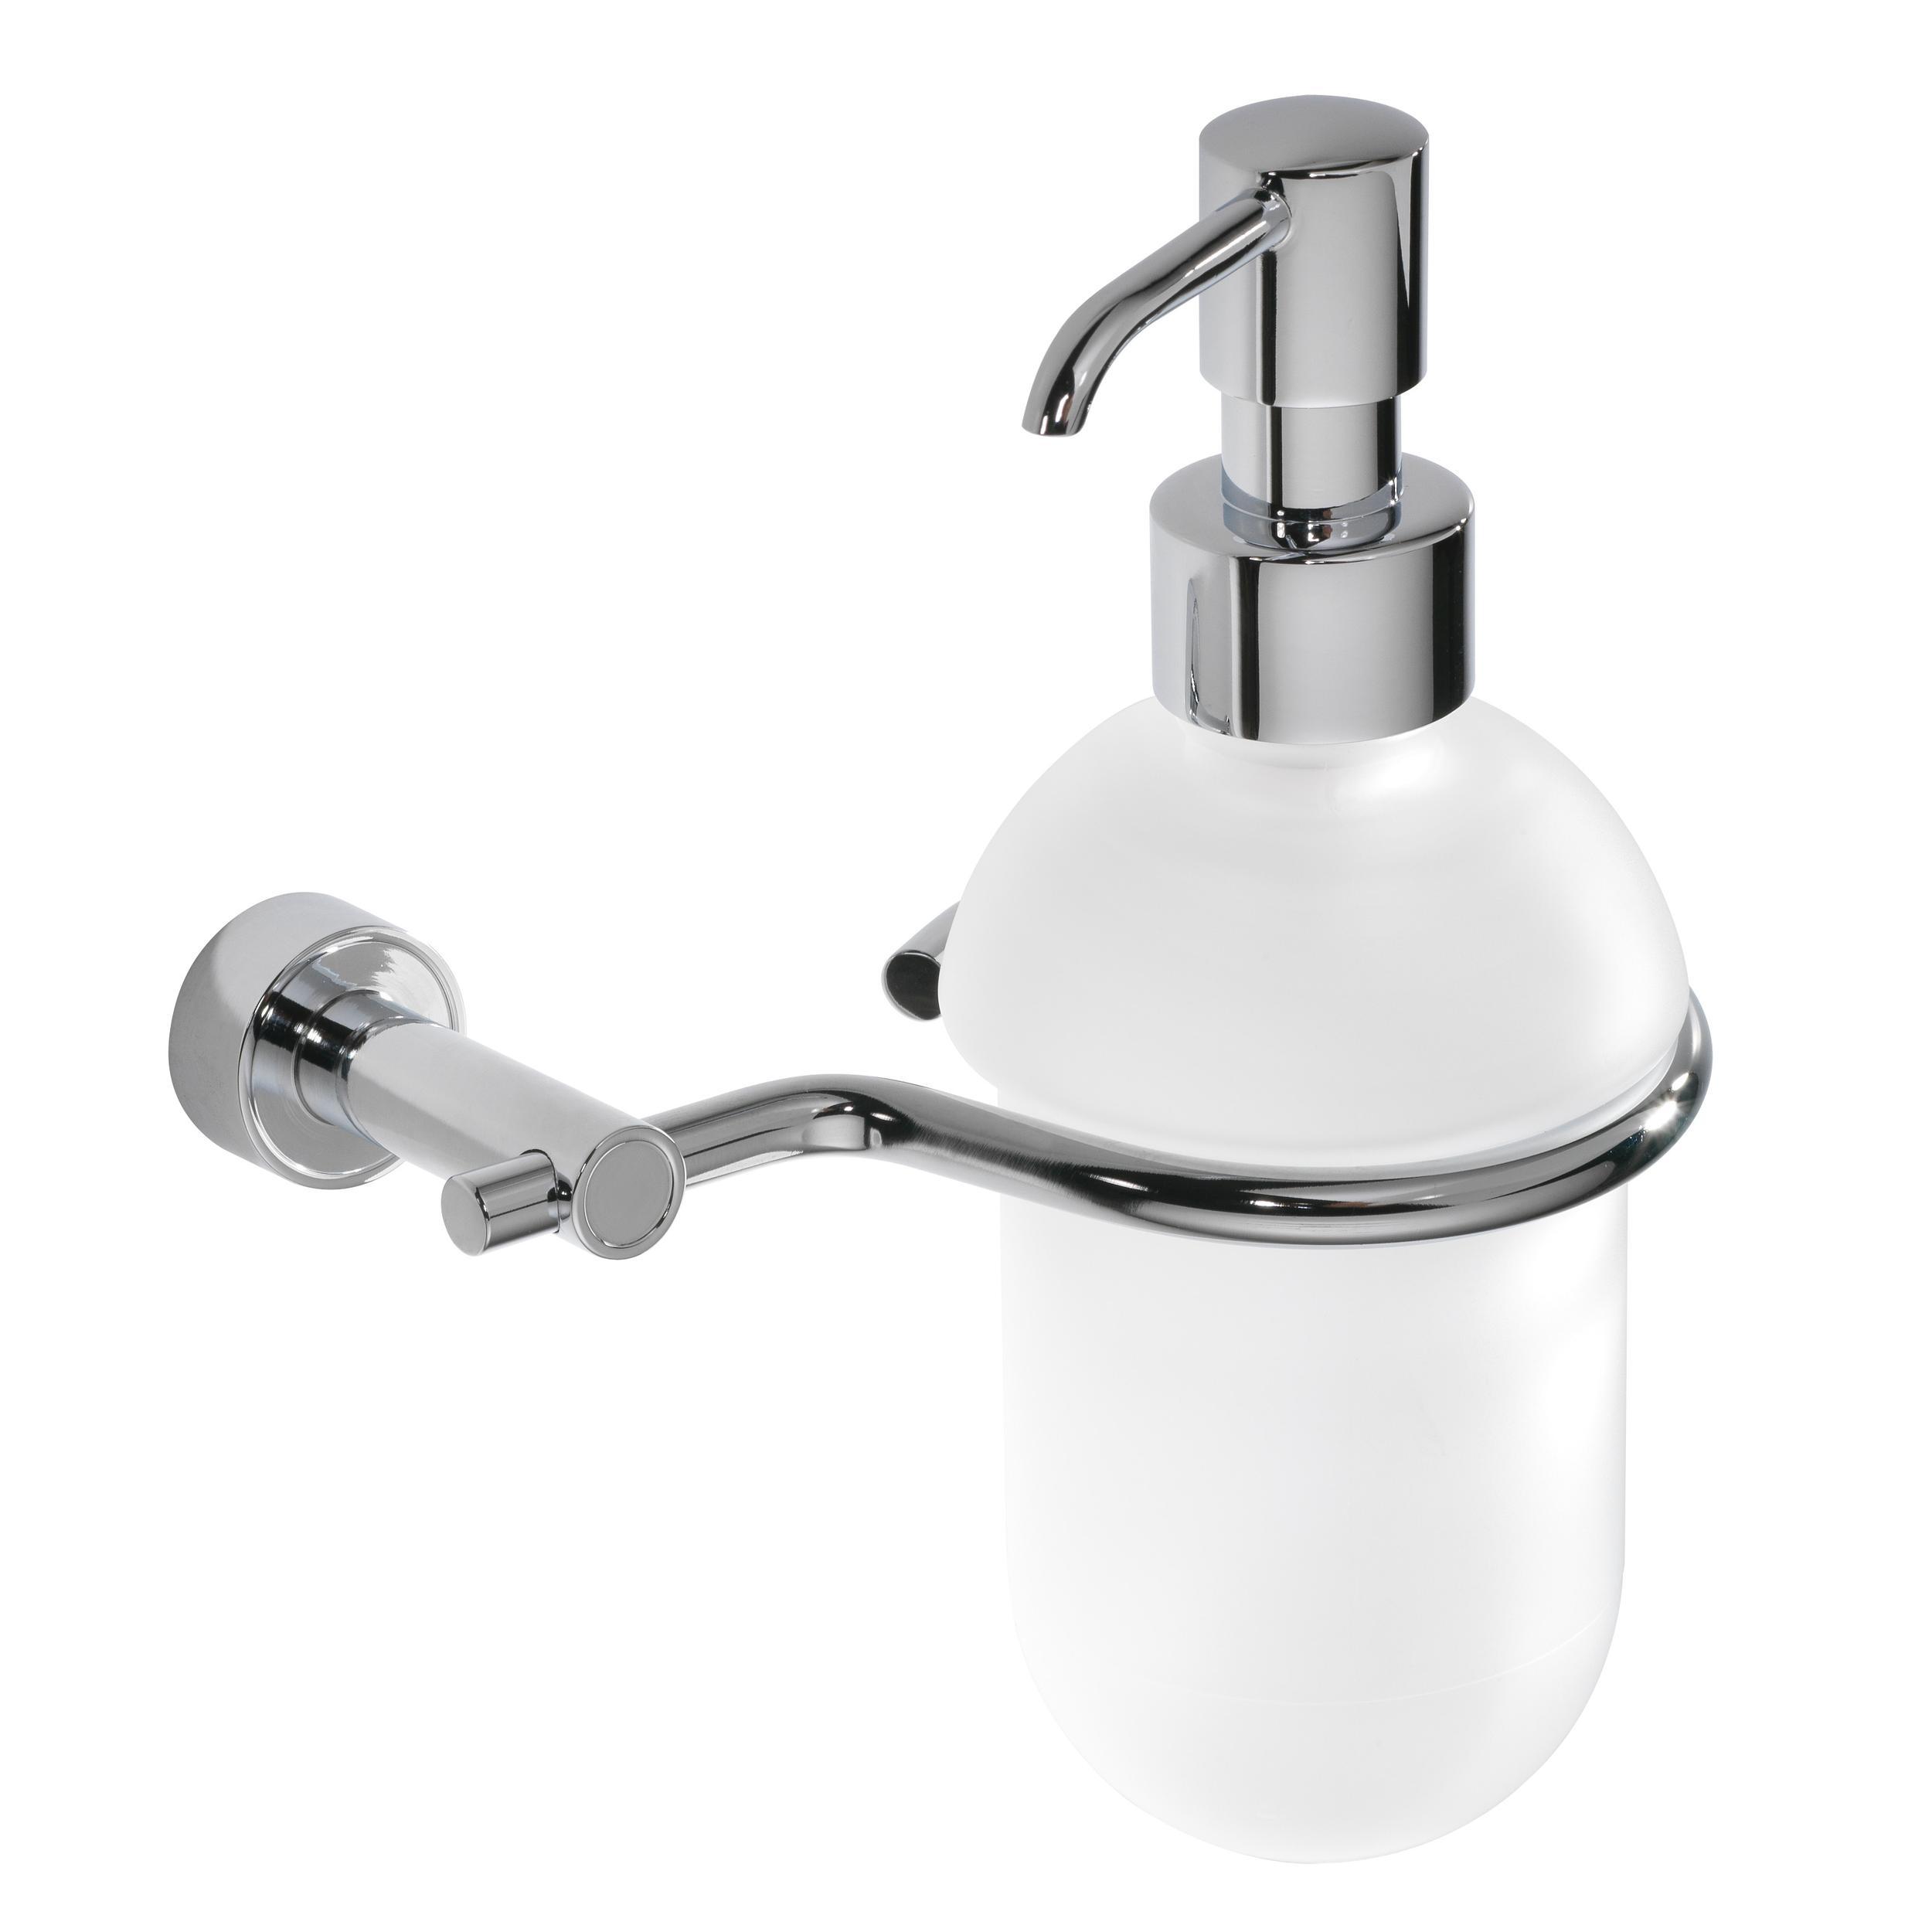 Accessori Bagno Da Appendere porta dispenser in ottone da appendere tiffany 14x11xh19 cm con dosatore in  vetro acidato   carlo iotti- accessori bagno